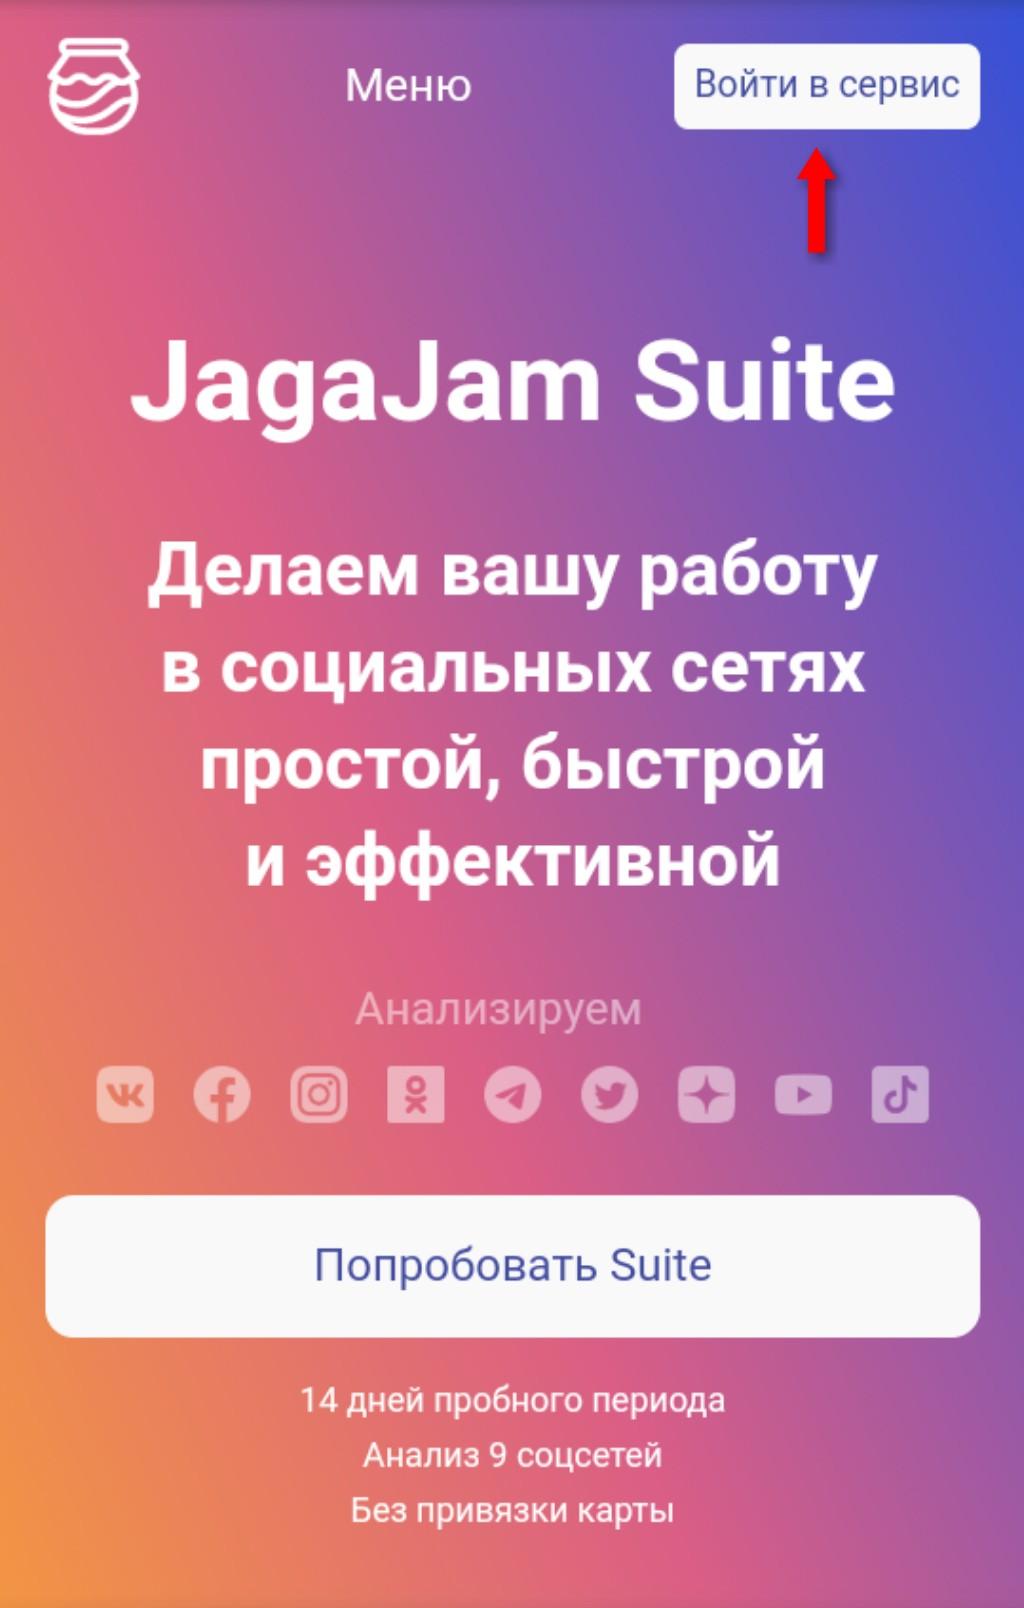 InFrame_1628907877609.jpg